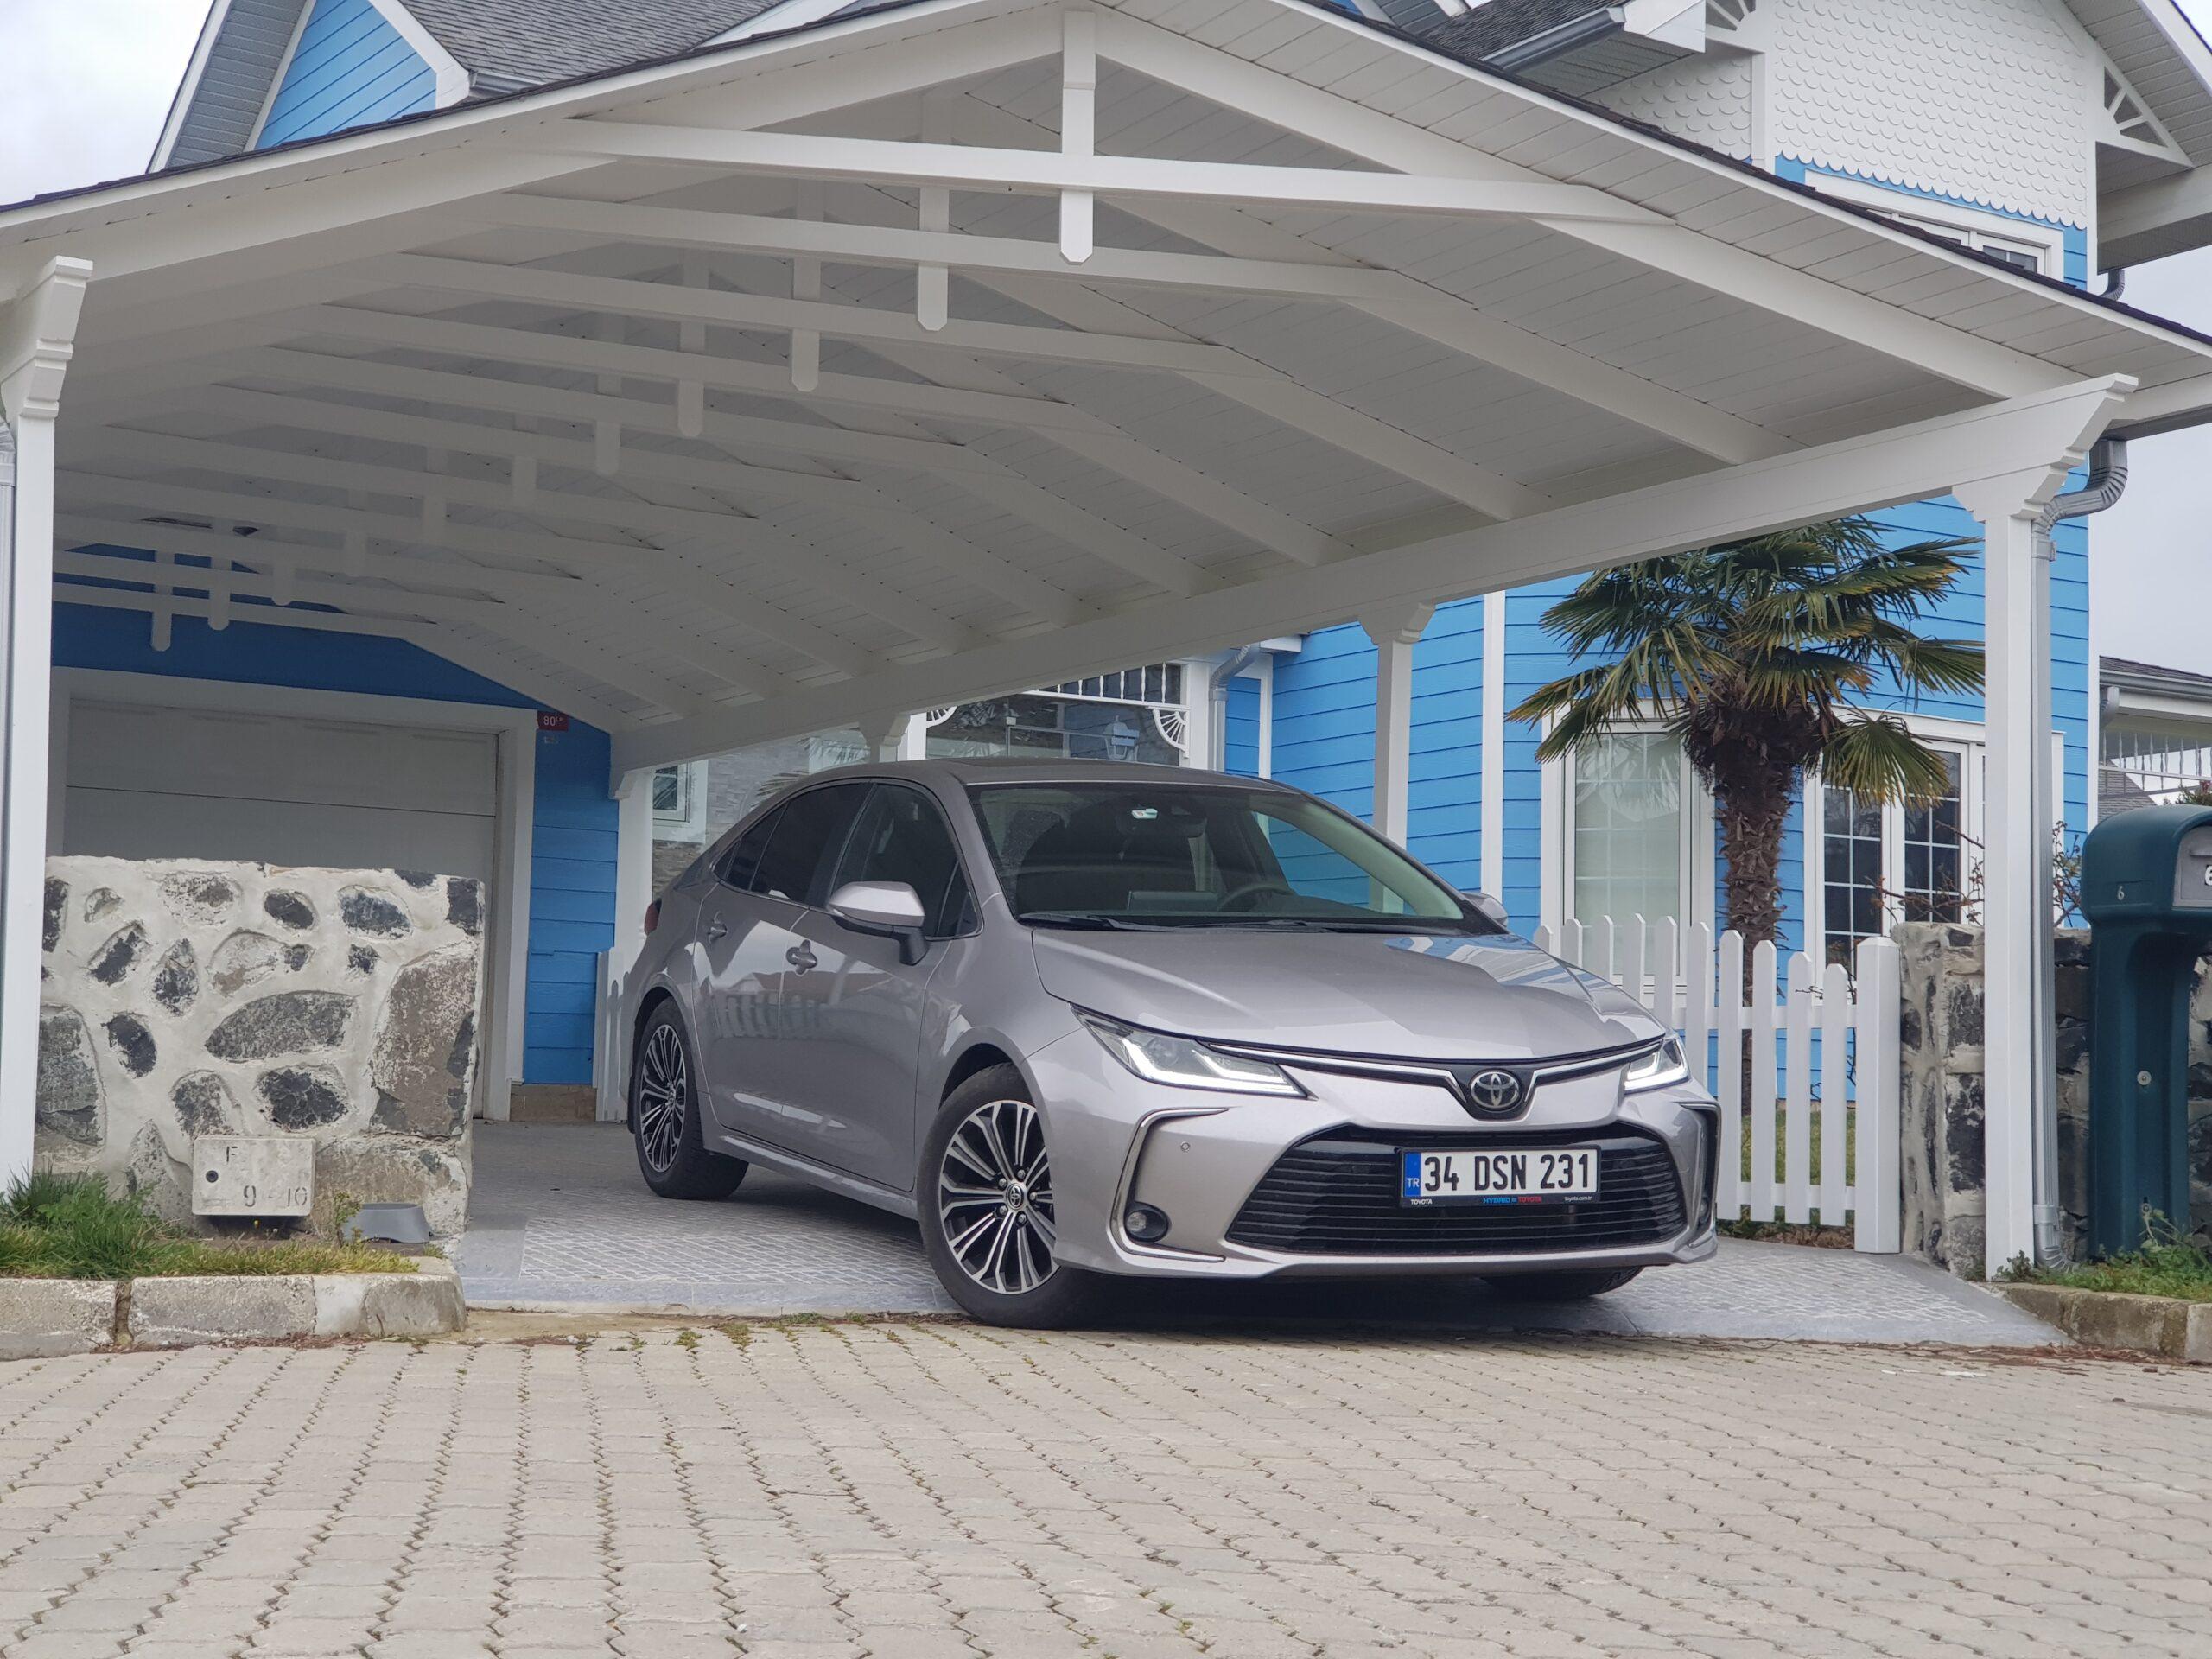 2021 Toyota Corolla 1.5 Multidrive S ; Ekonomik ve Mantıklı